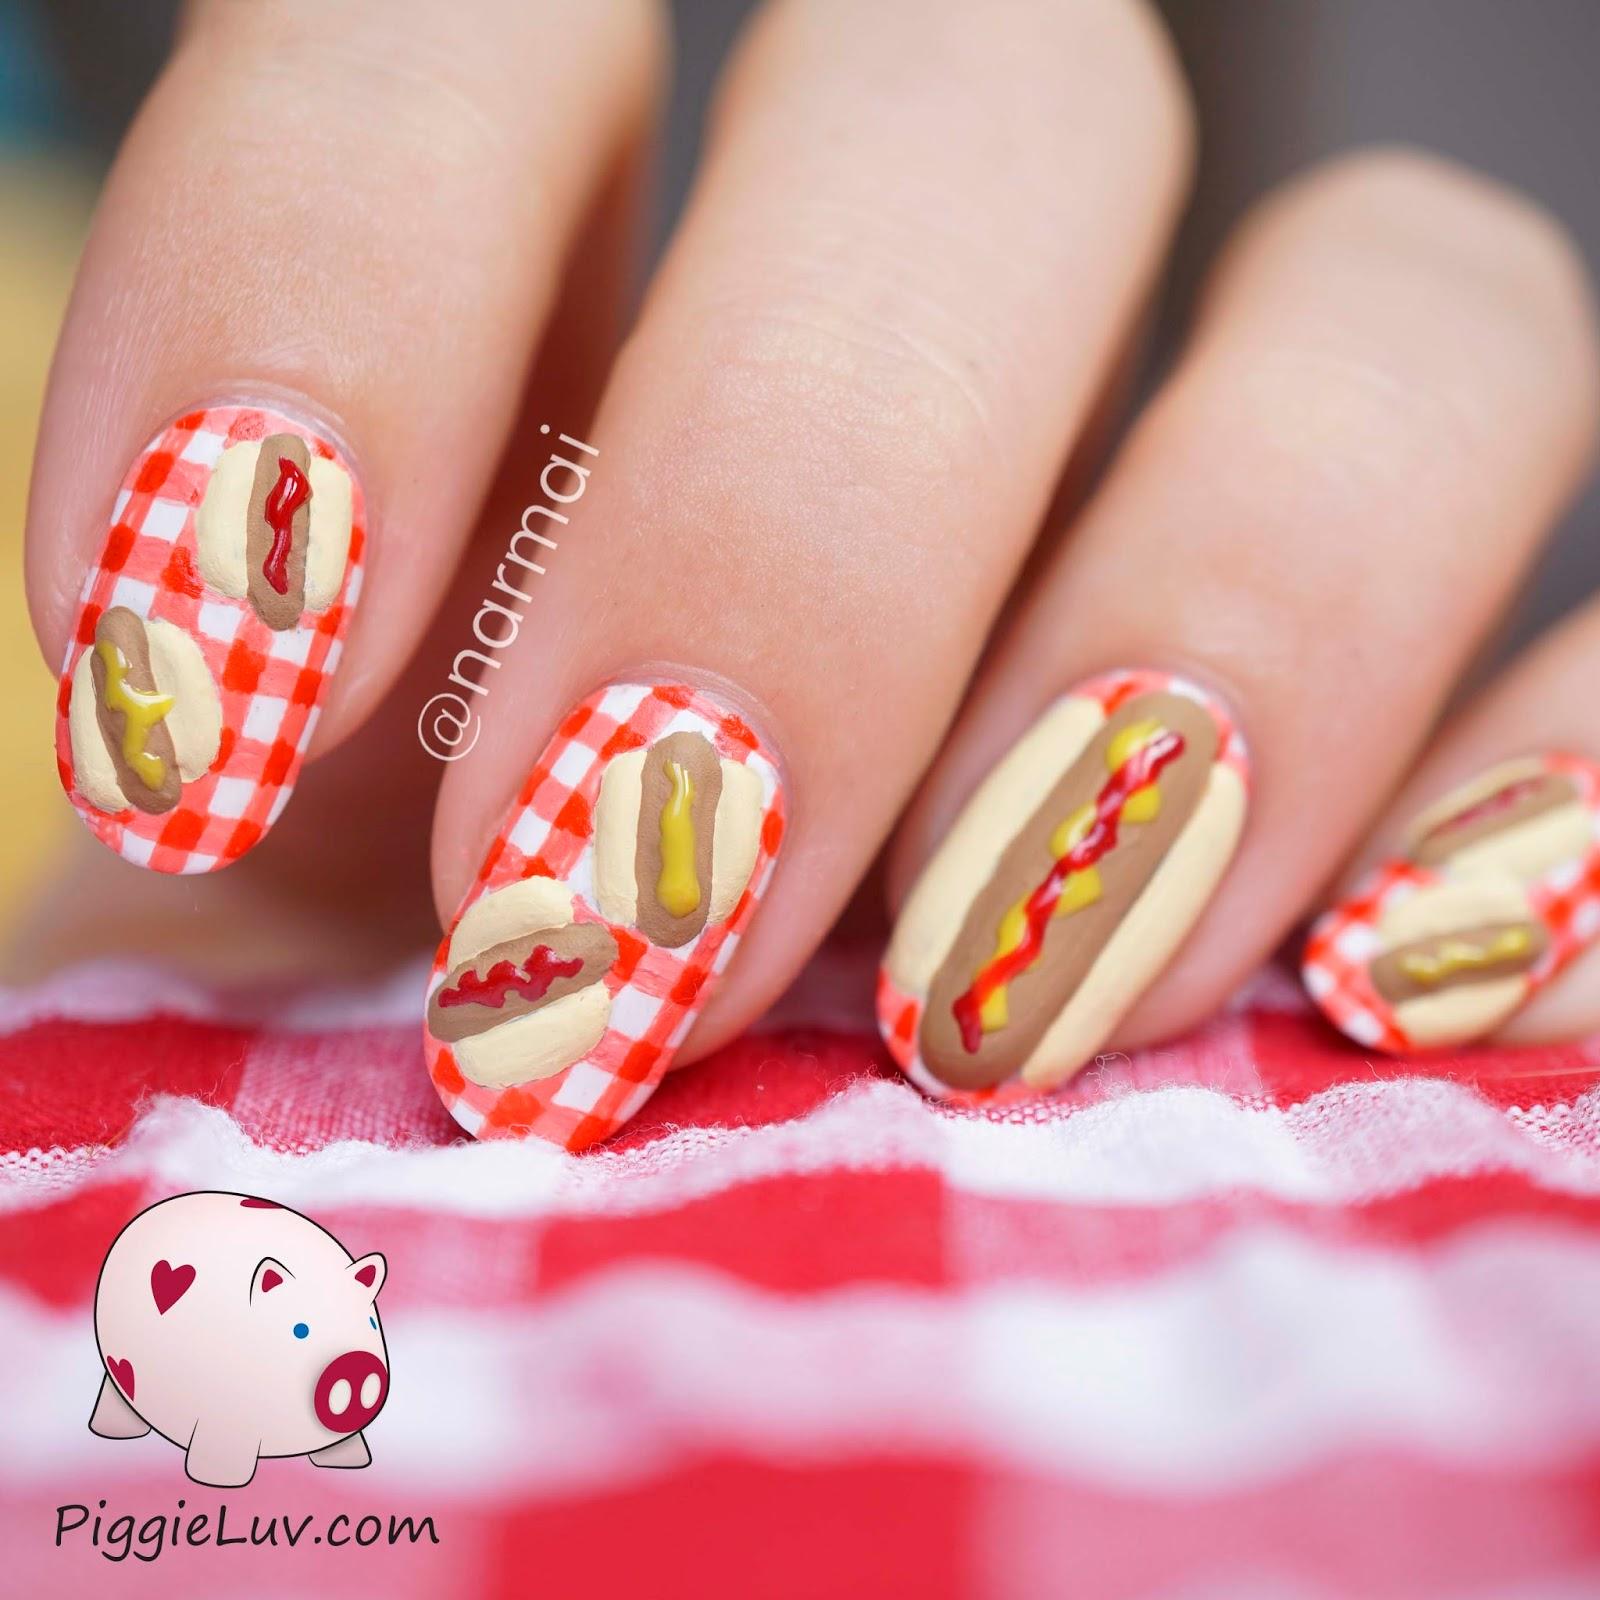 PiggieLuv: 3D hotdog nail art